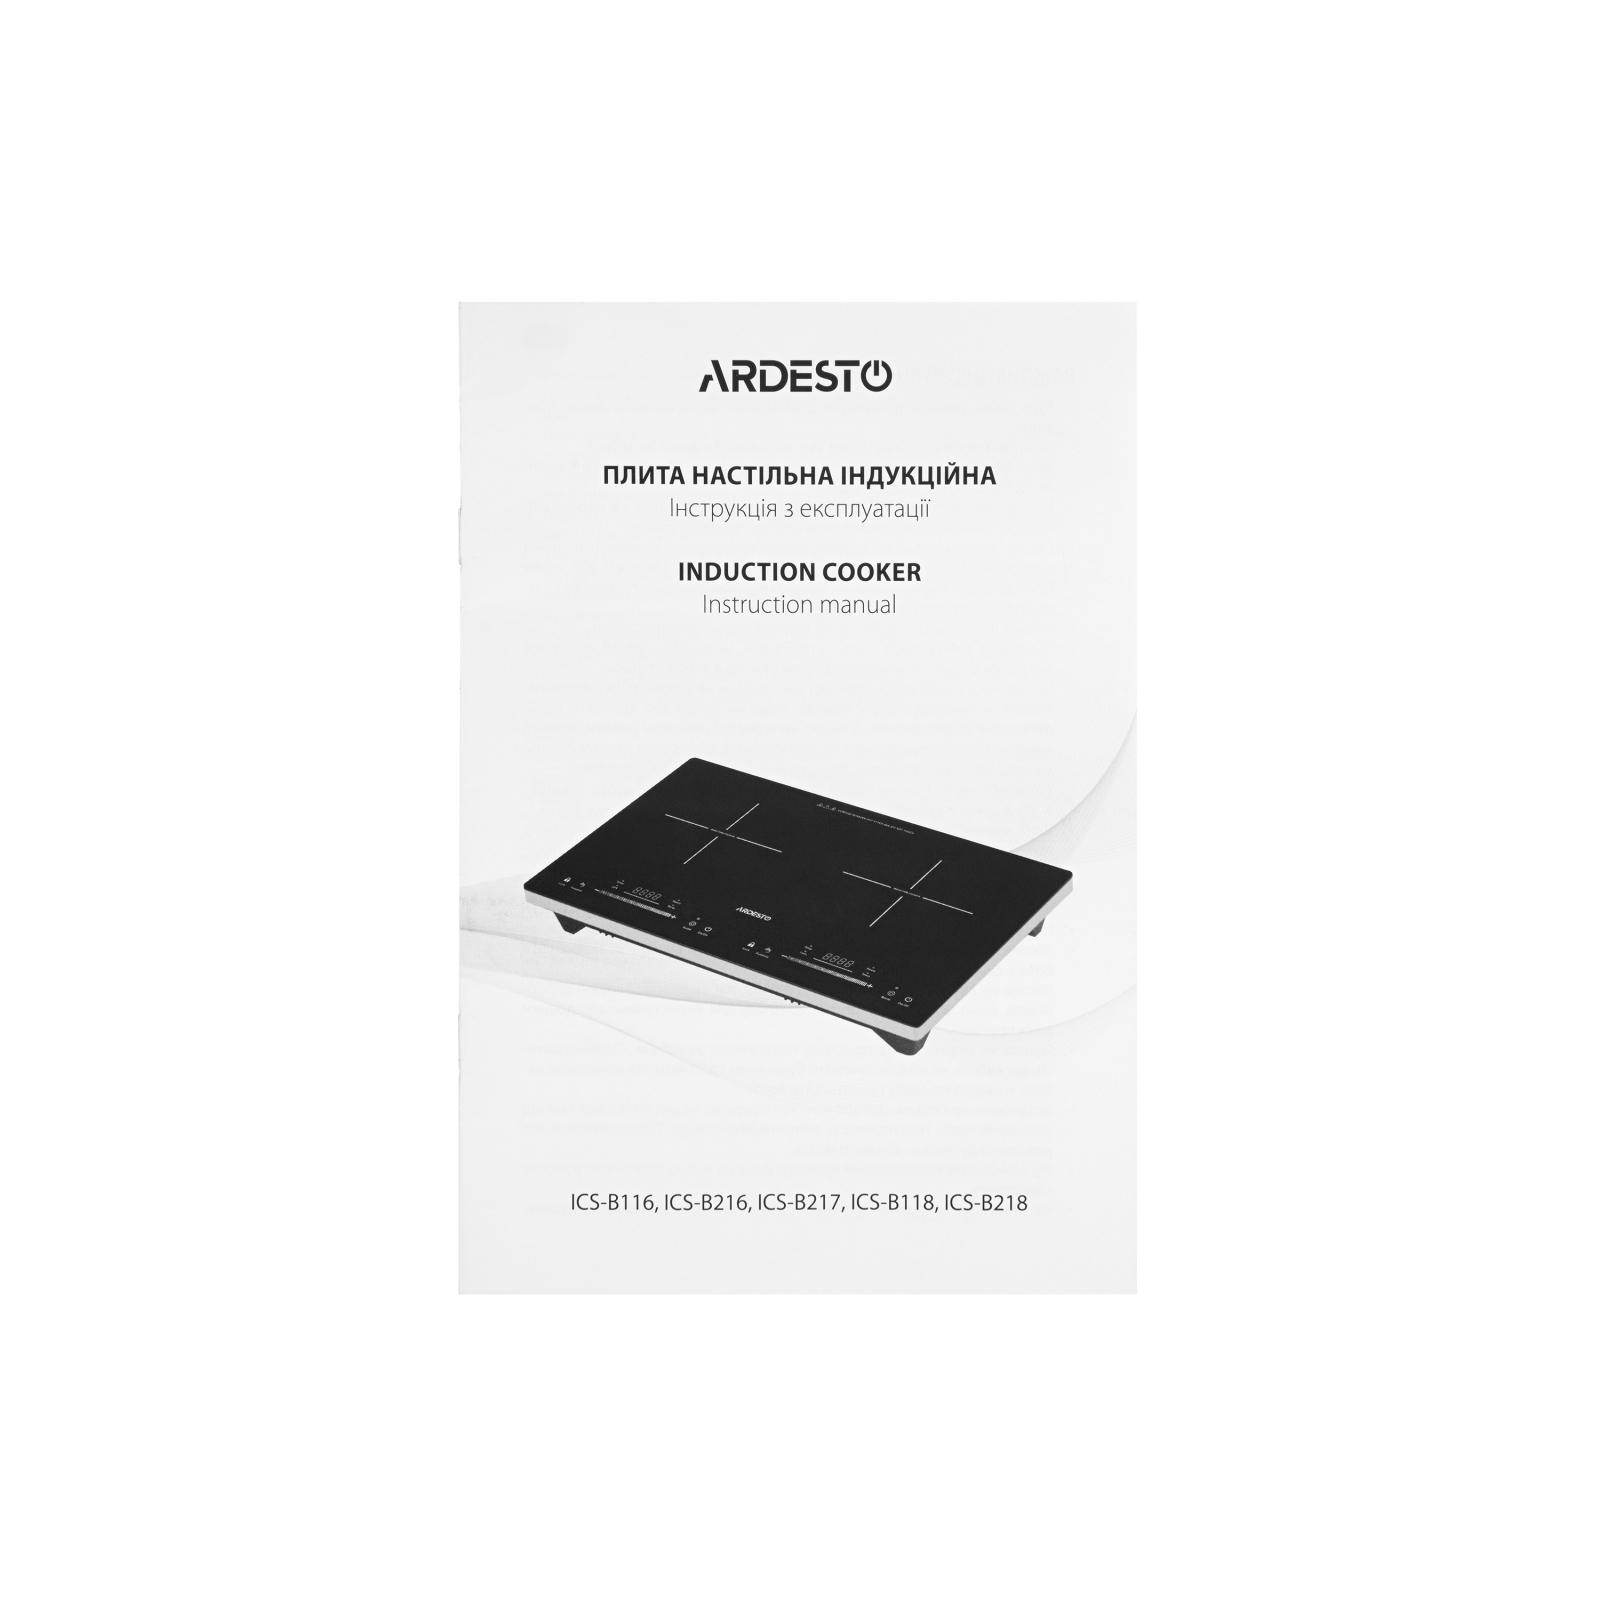 Електроплитка Ardesto ICS-B216 зображення 6